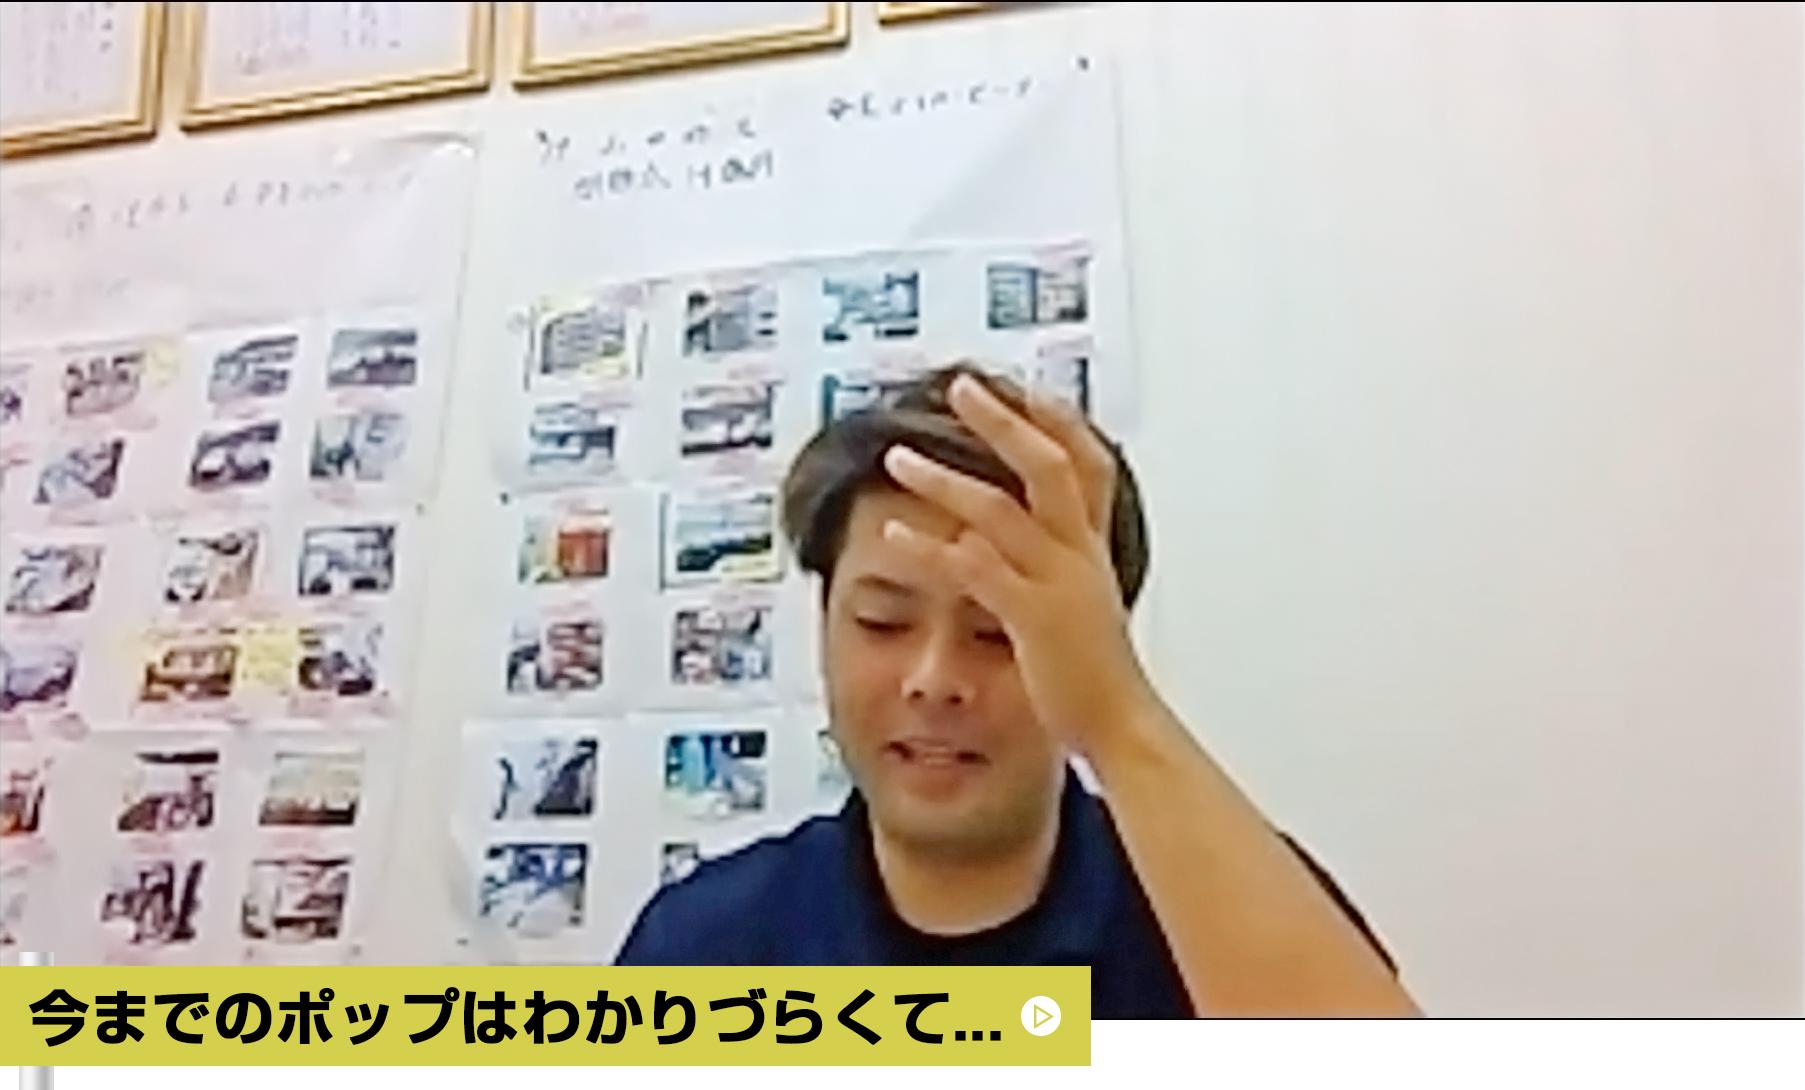 有限会社奄美マイカーセンター喜元様02